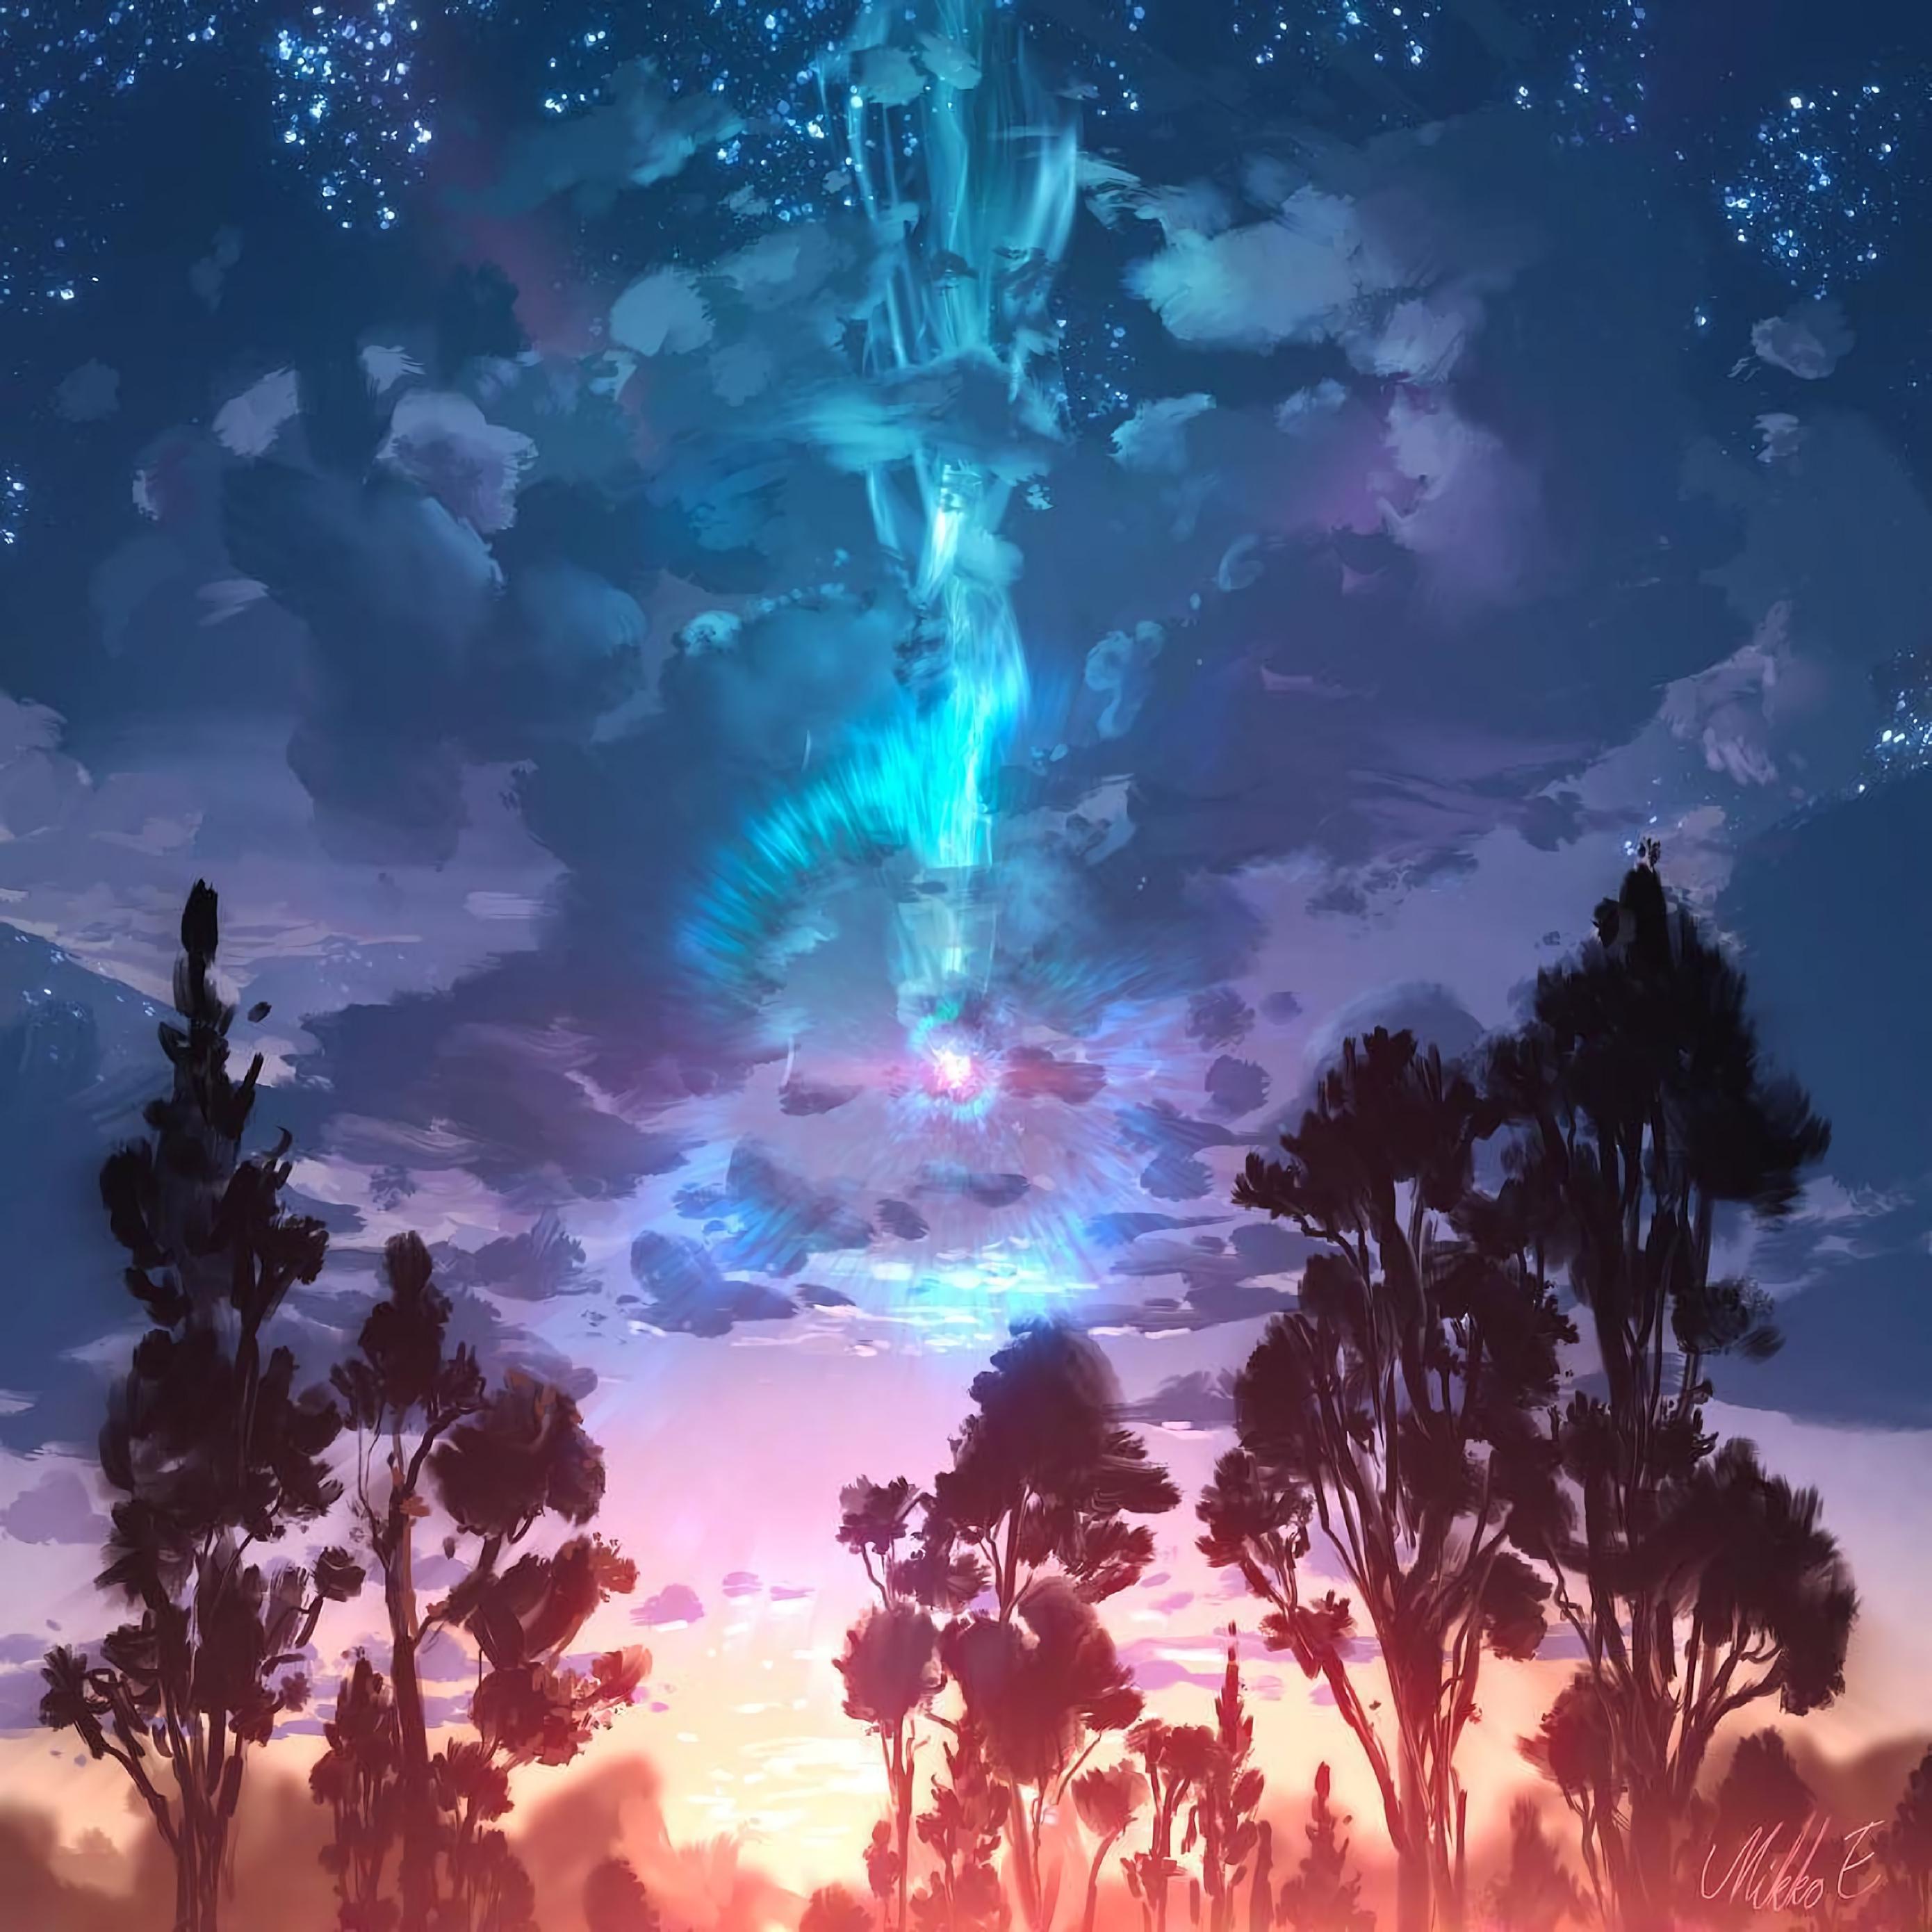 Download wallpaper 2780x2780 landscape art trees clouds paint 2780x2780